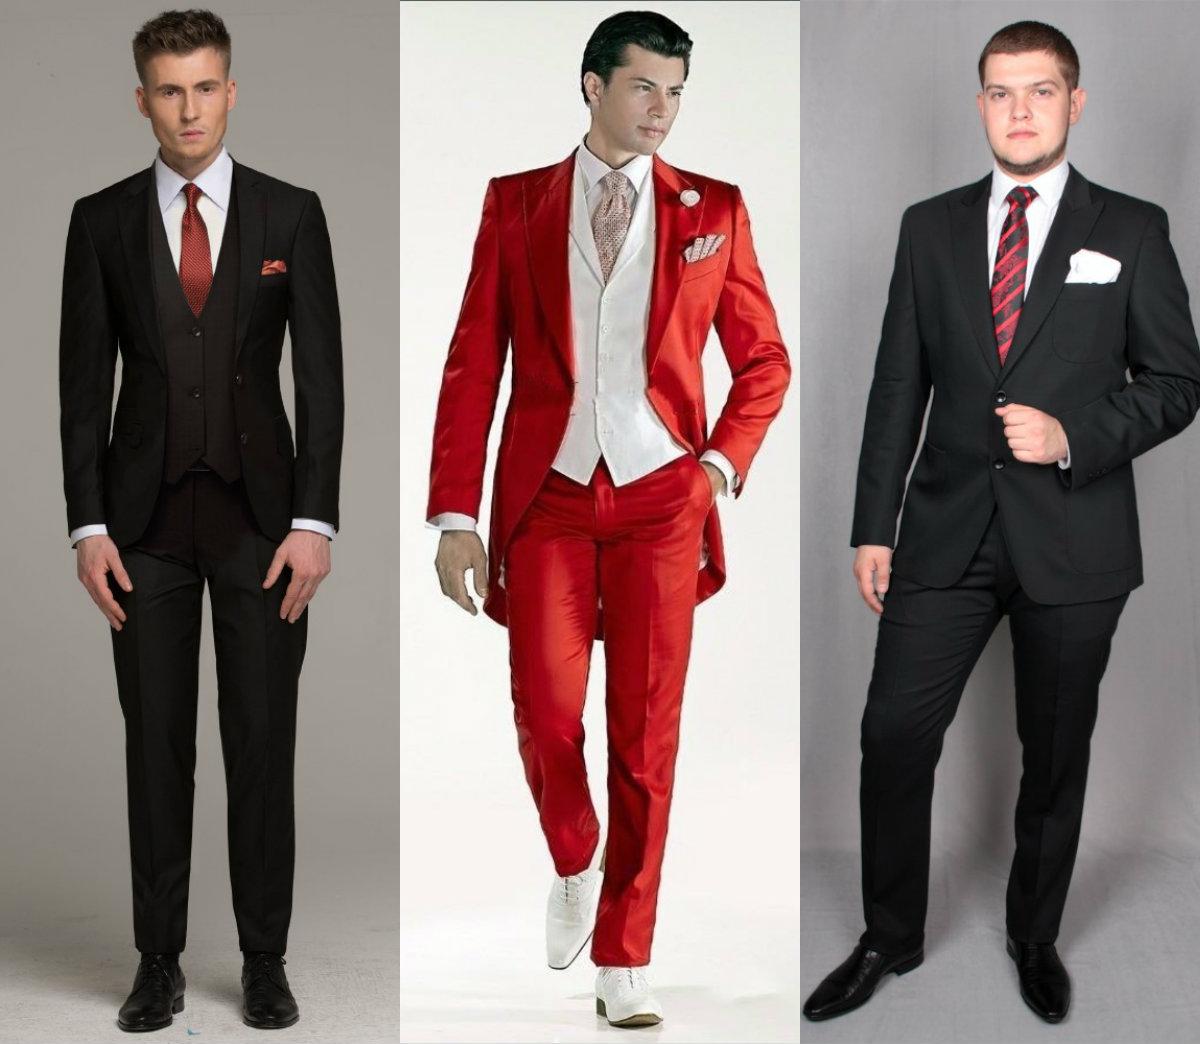 Мужские костюмы 2018: от сдержанных до ярких красок